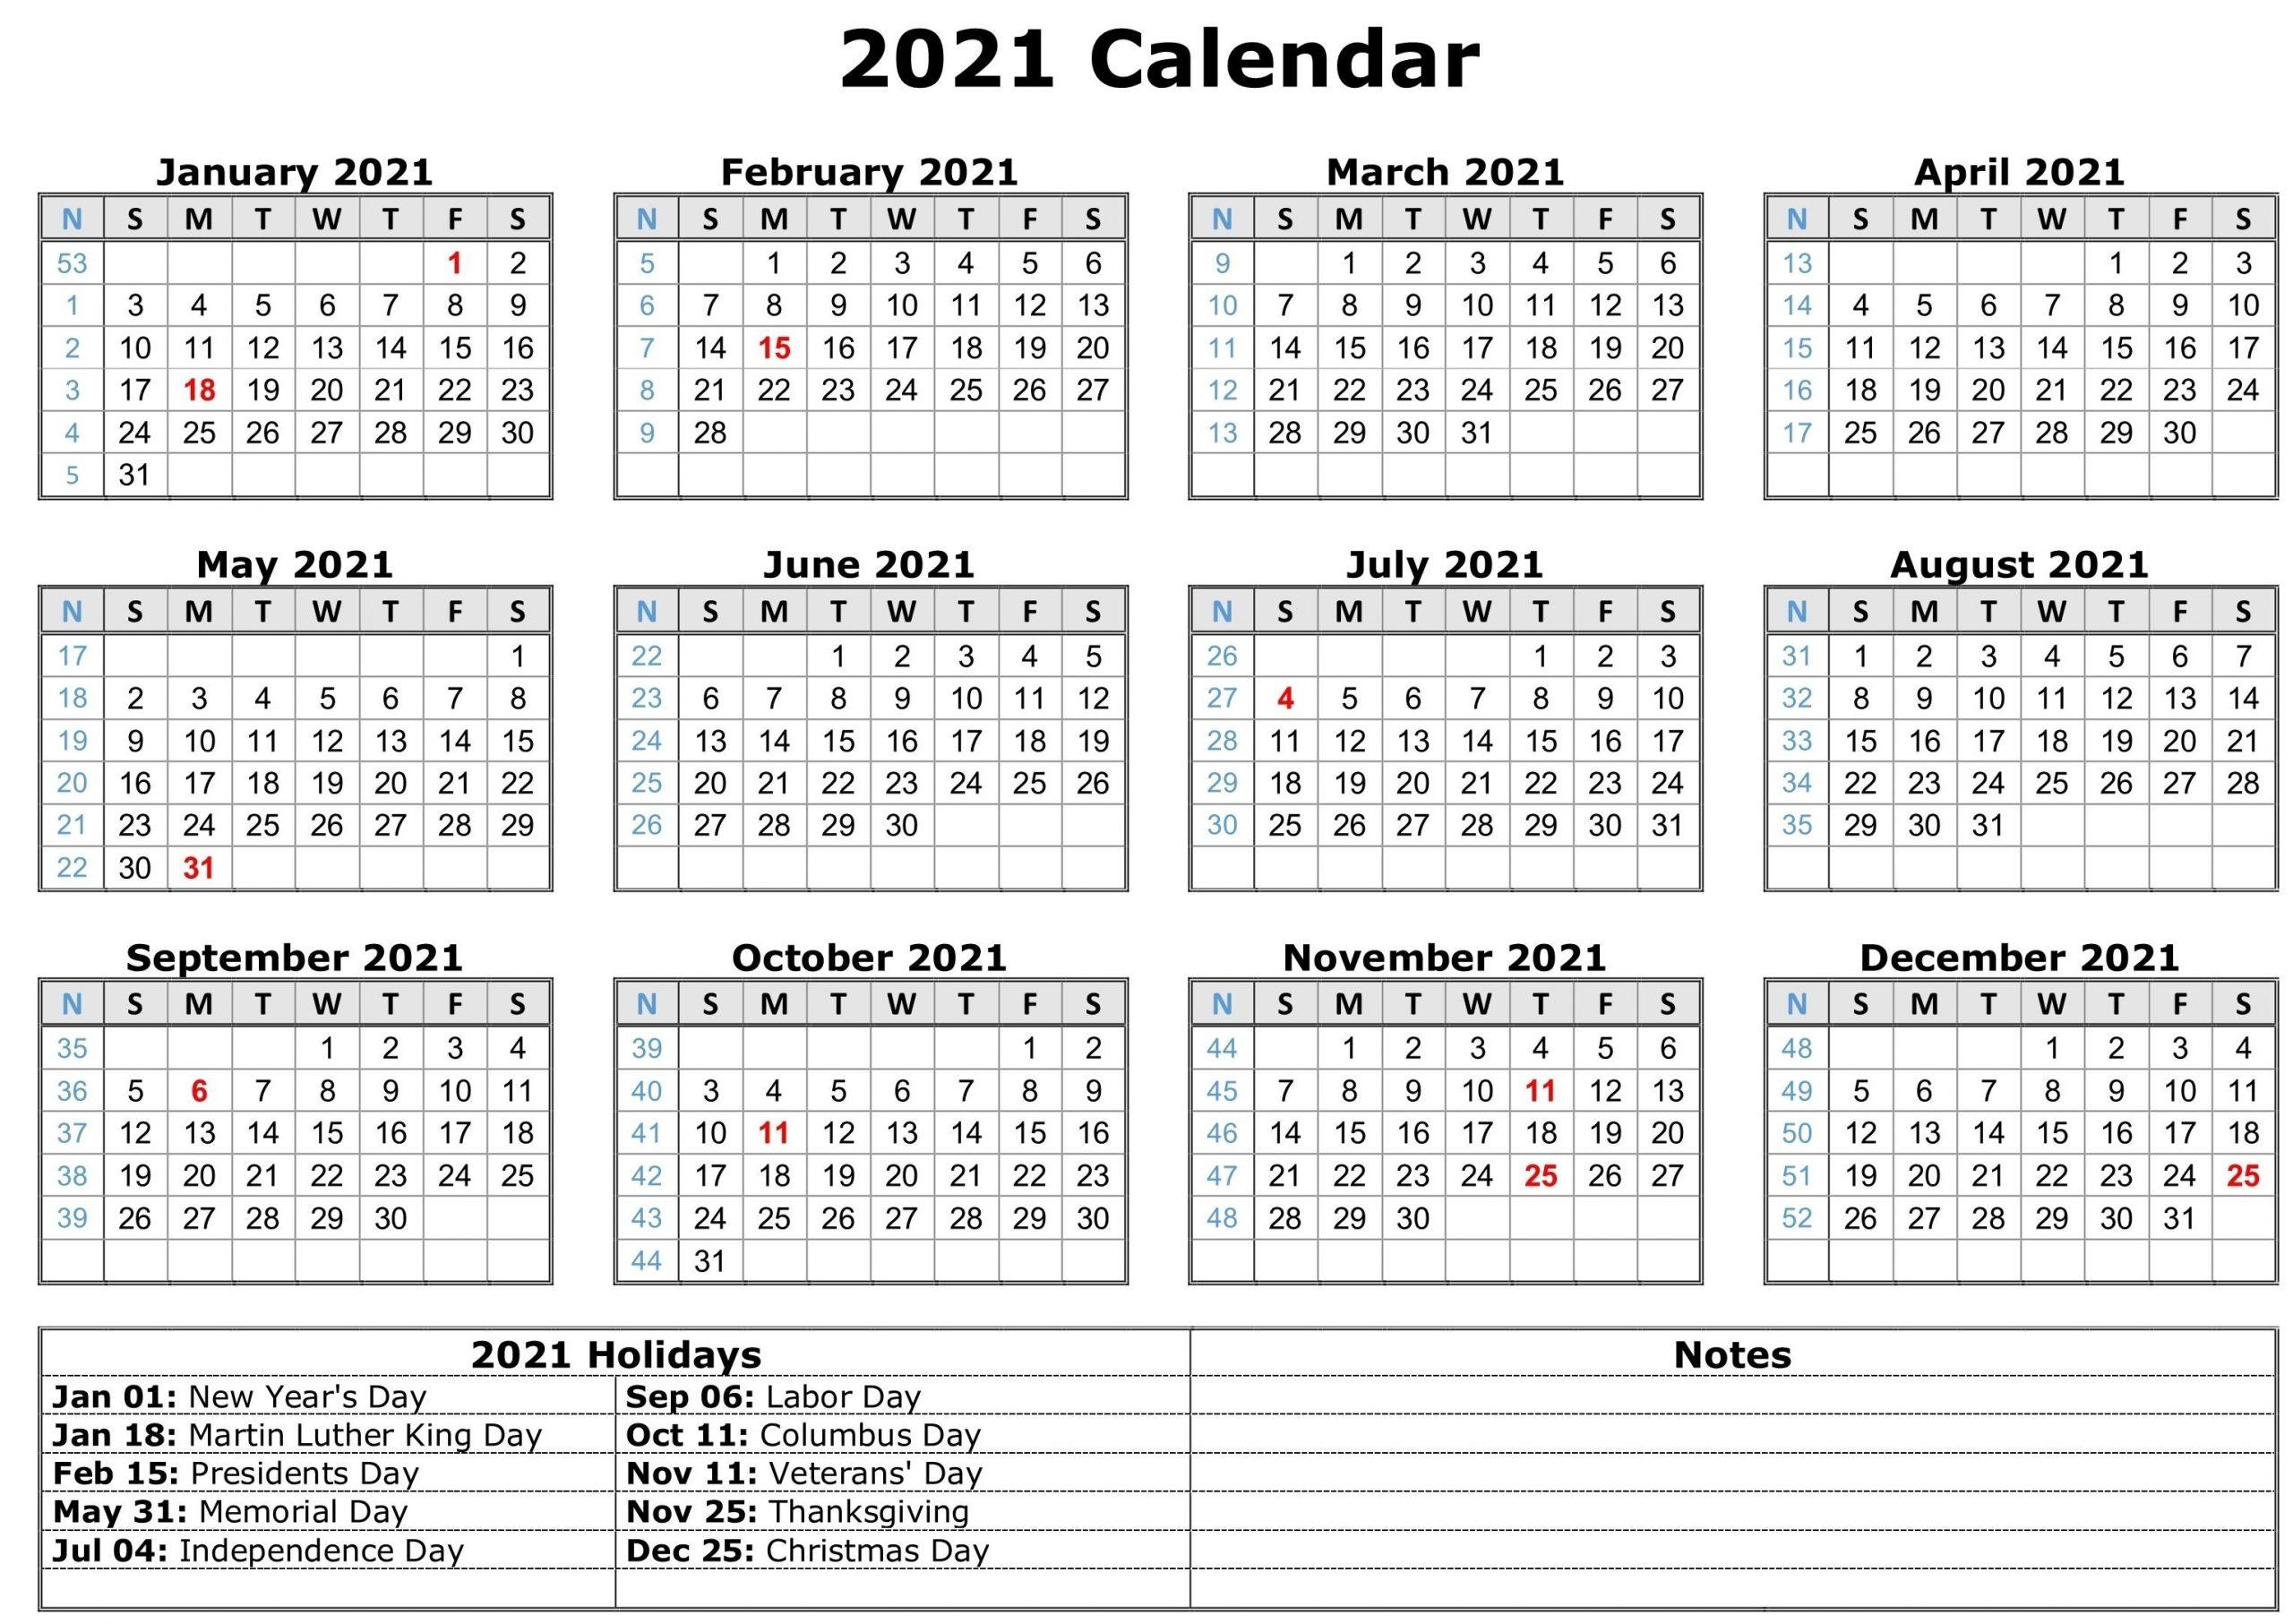 2021 Calendar With Holidays | Free Calendar Template  Free Calendar 2021, 2021